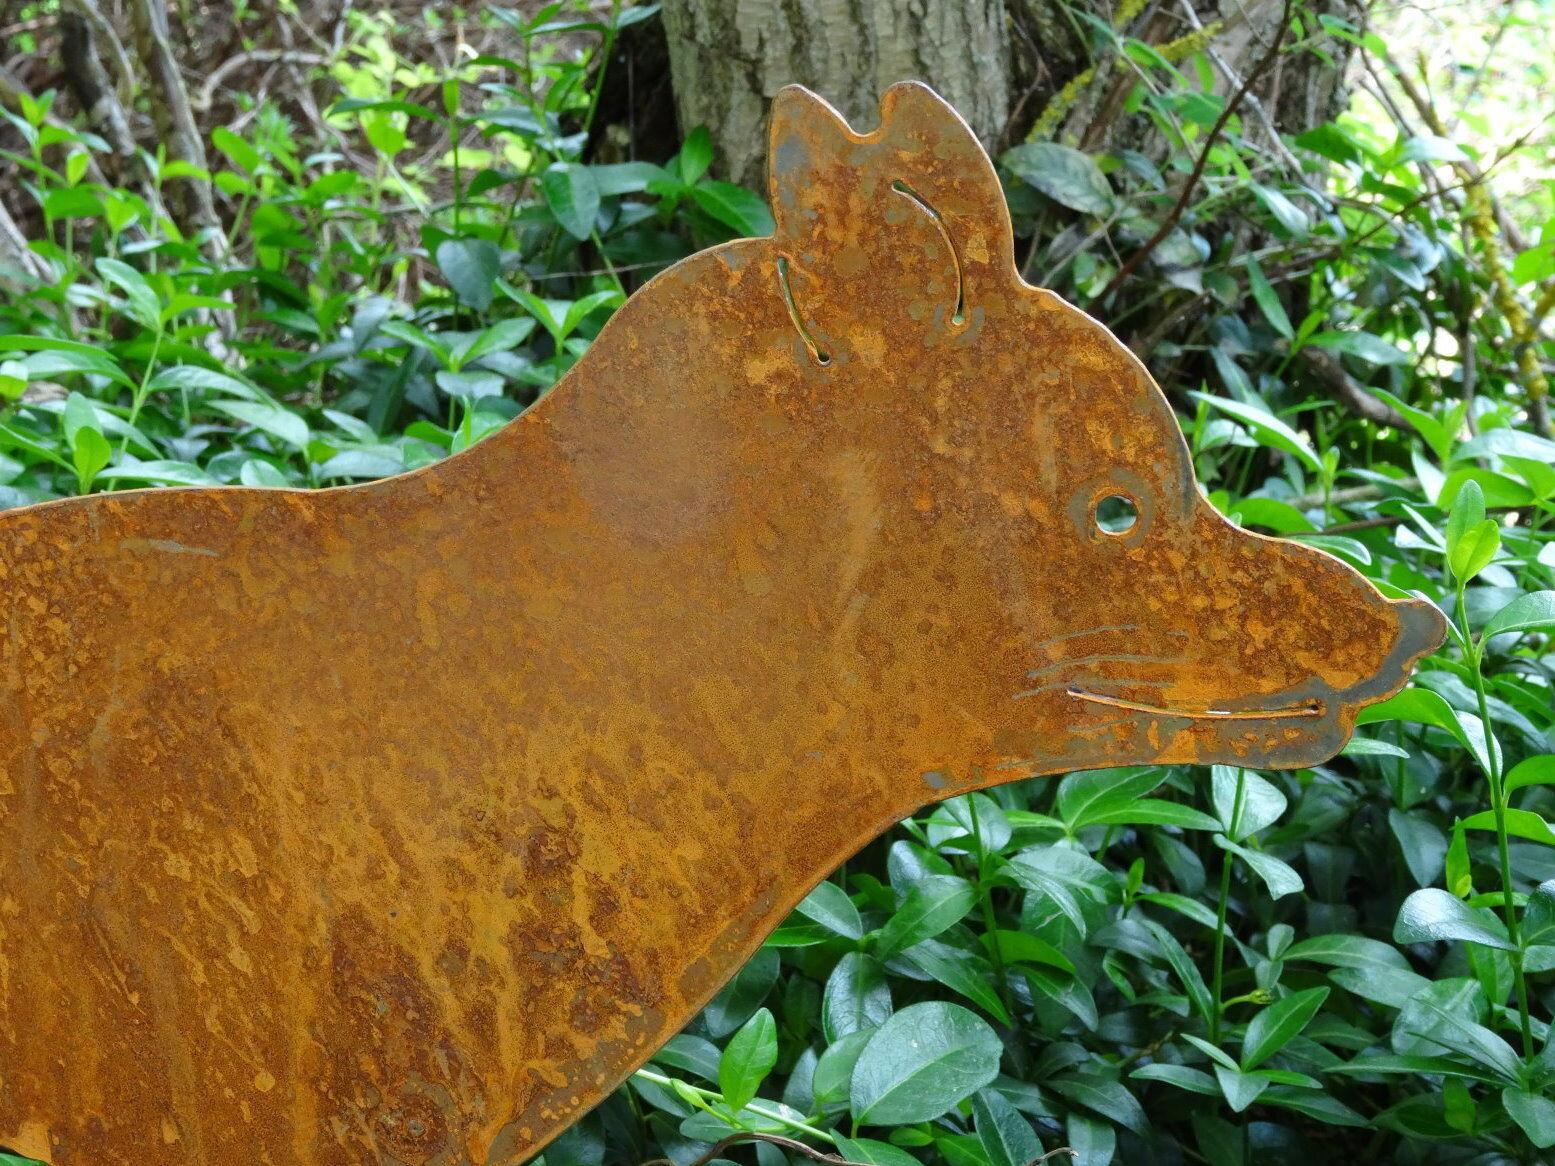 Gartenstecker fuchs aus metall rost edelrost gartendeko for Edelrost gartendeko